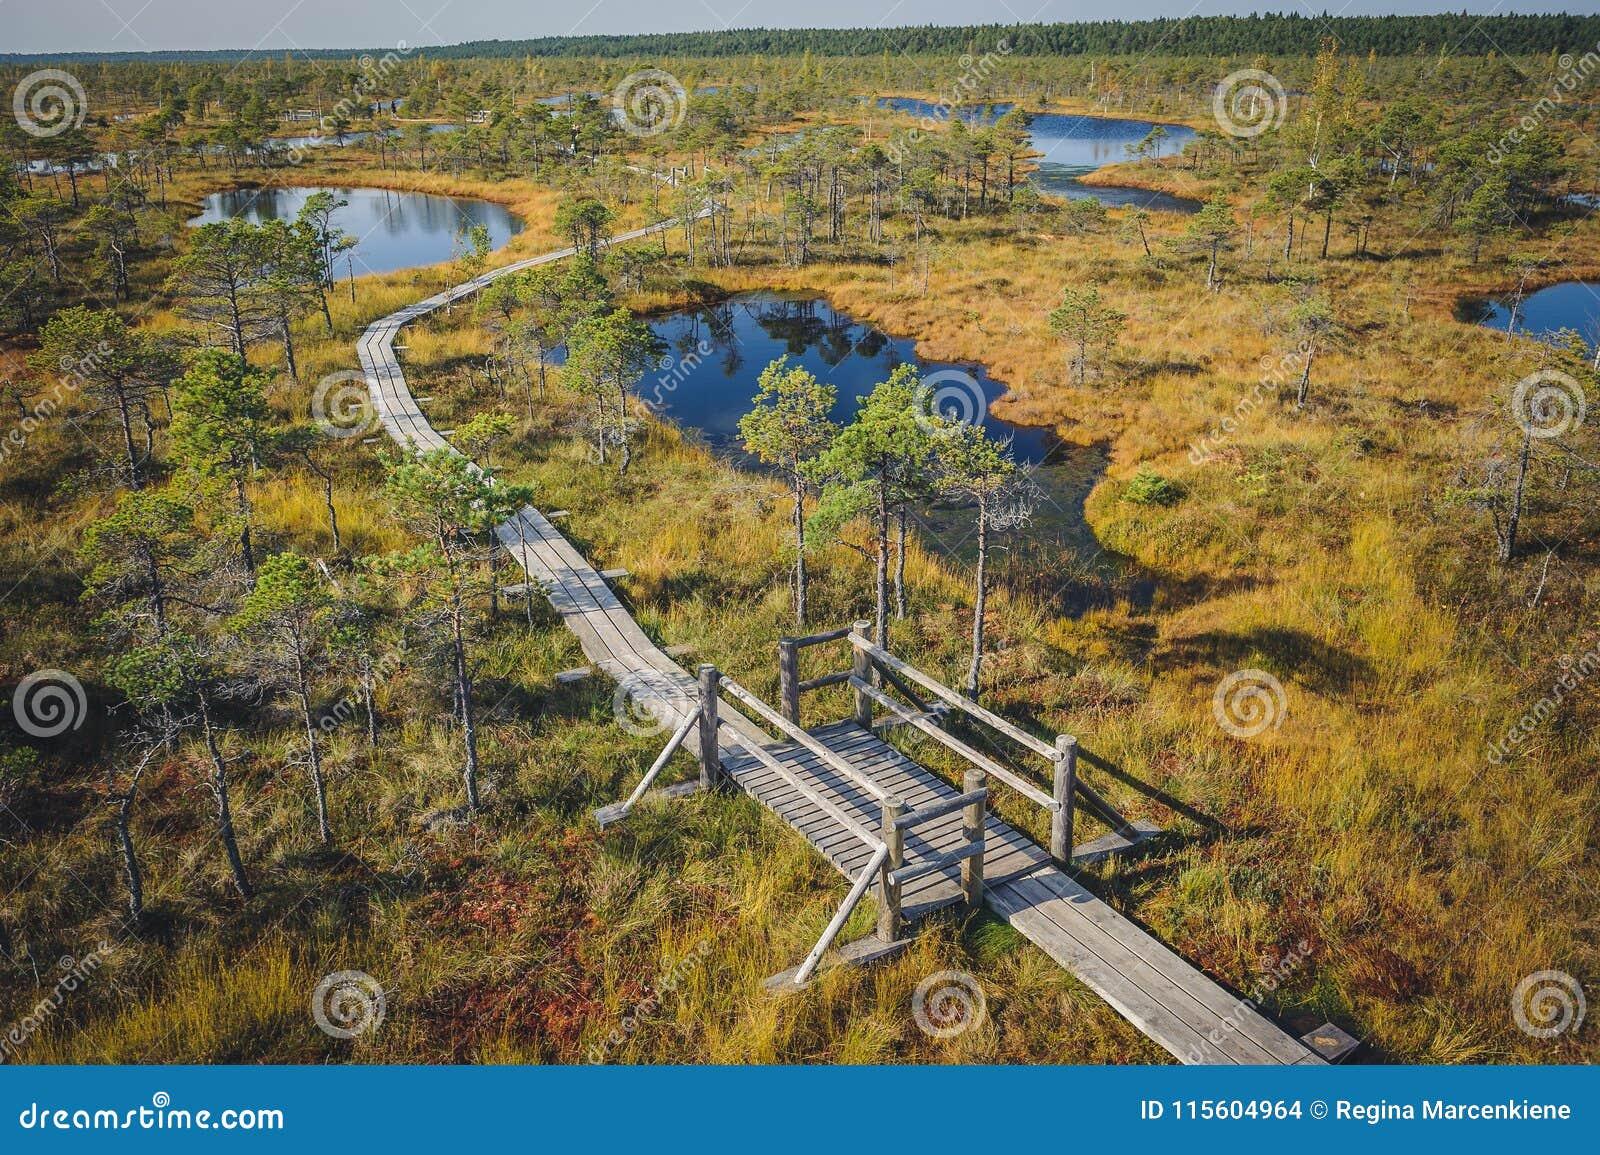 Поднятая трясина Променад в национальном парке Kemeri